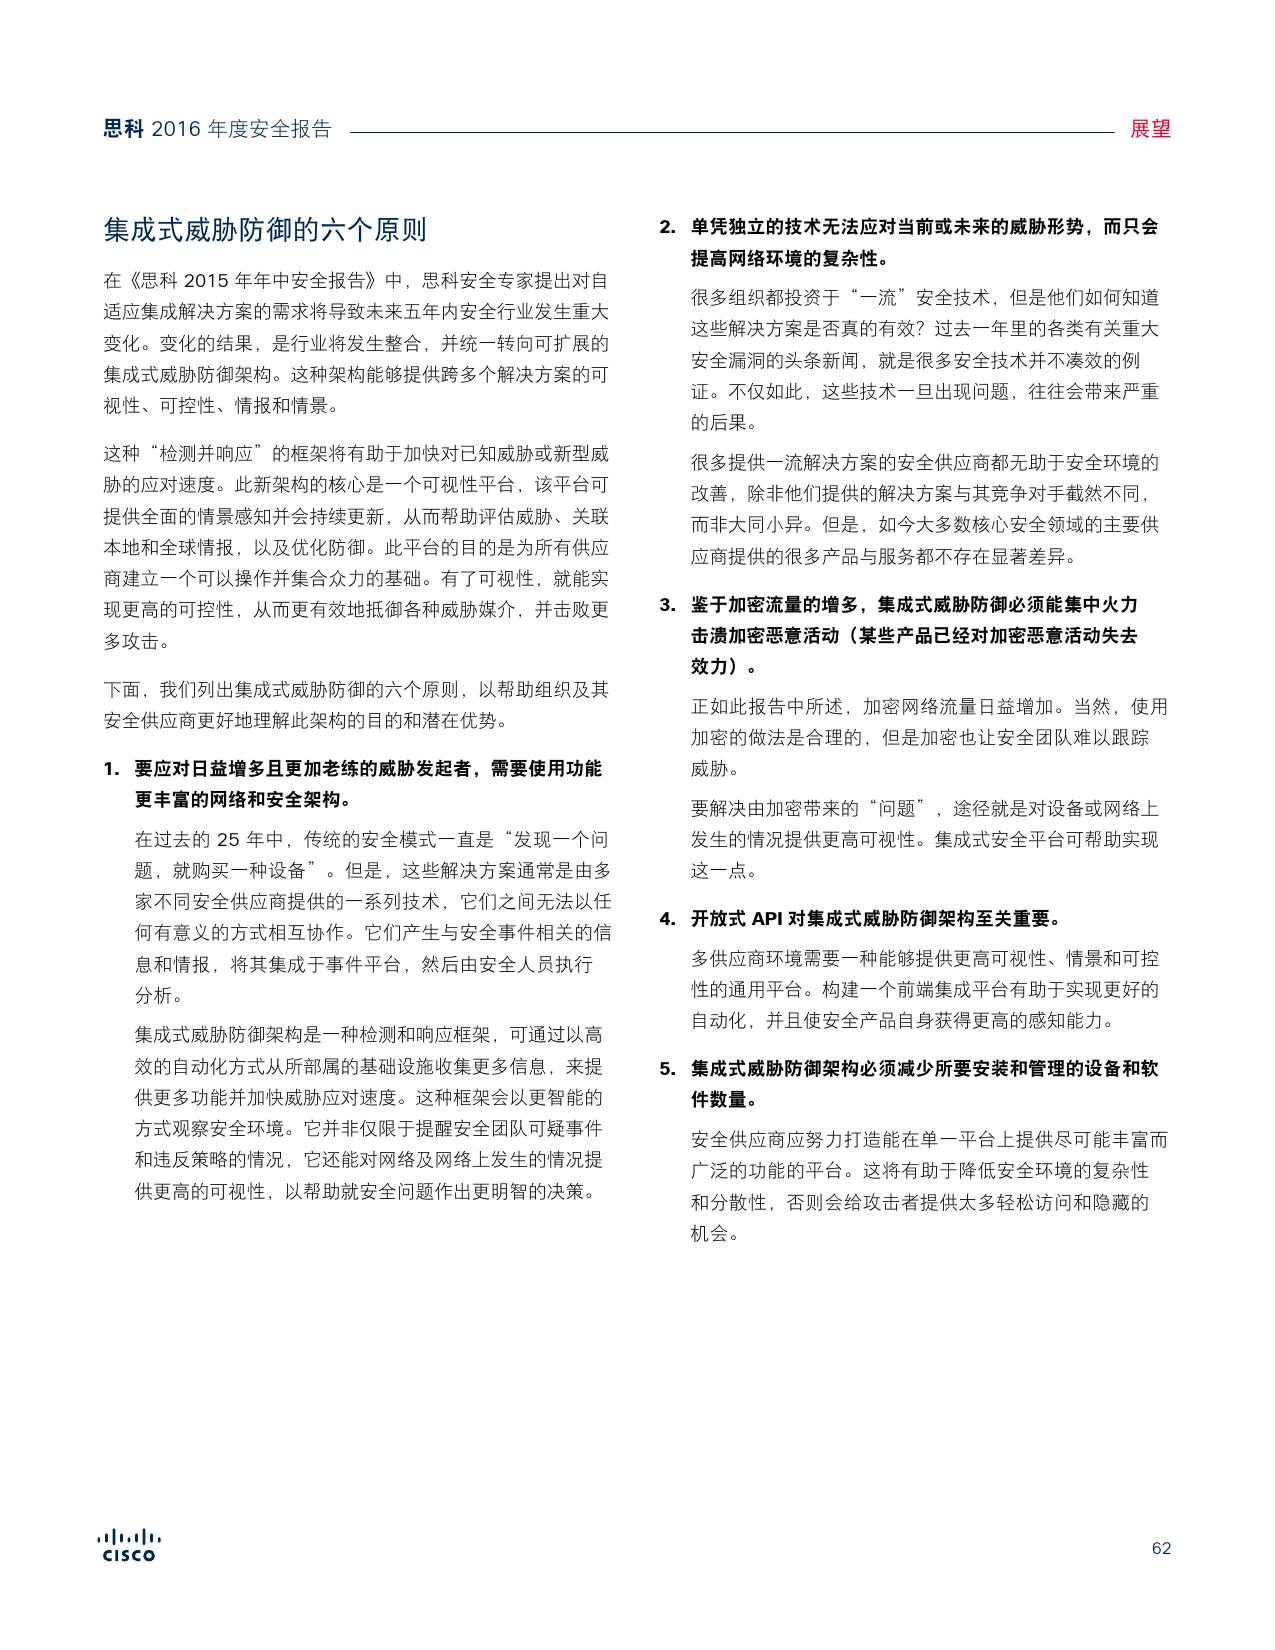 2016年中网络安全报告_000062